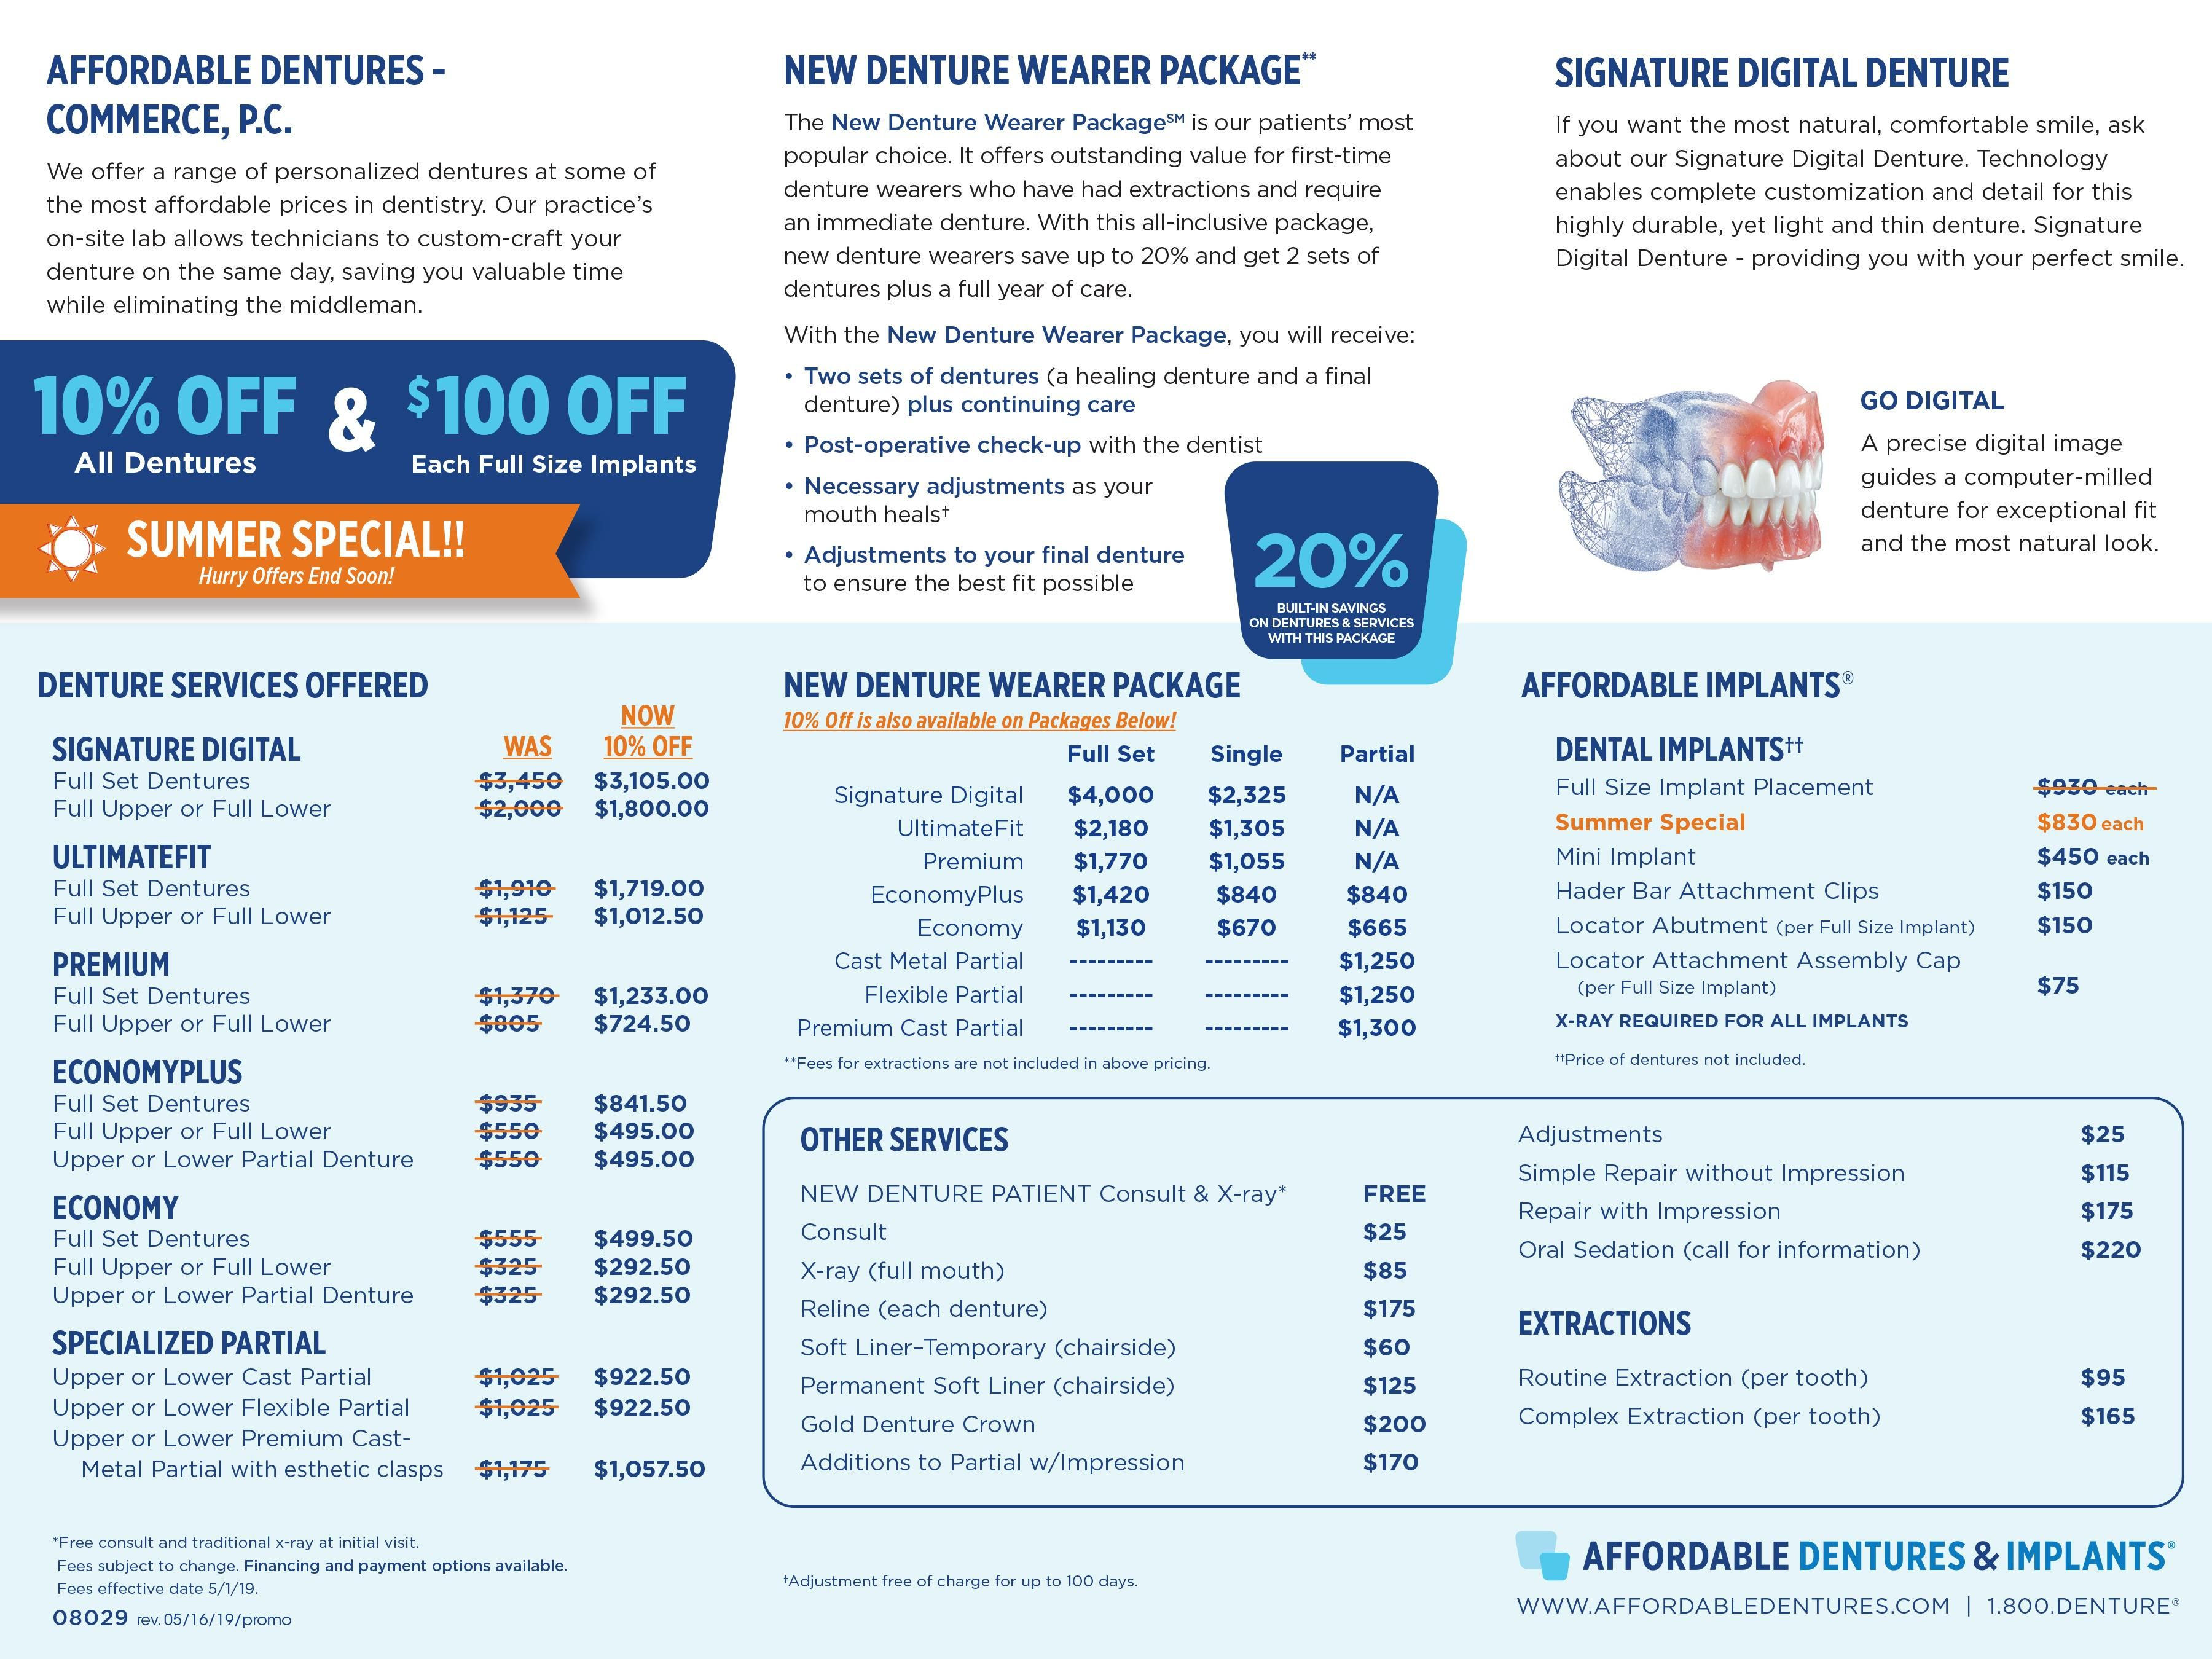 Commerce, GA Denture Care Center Dentist 30529